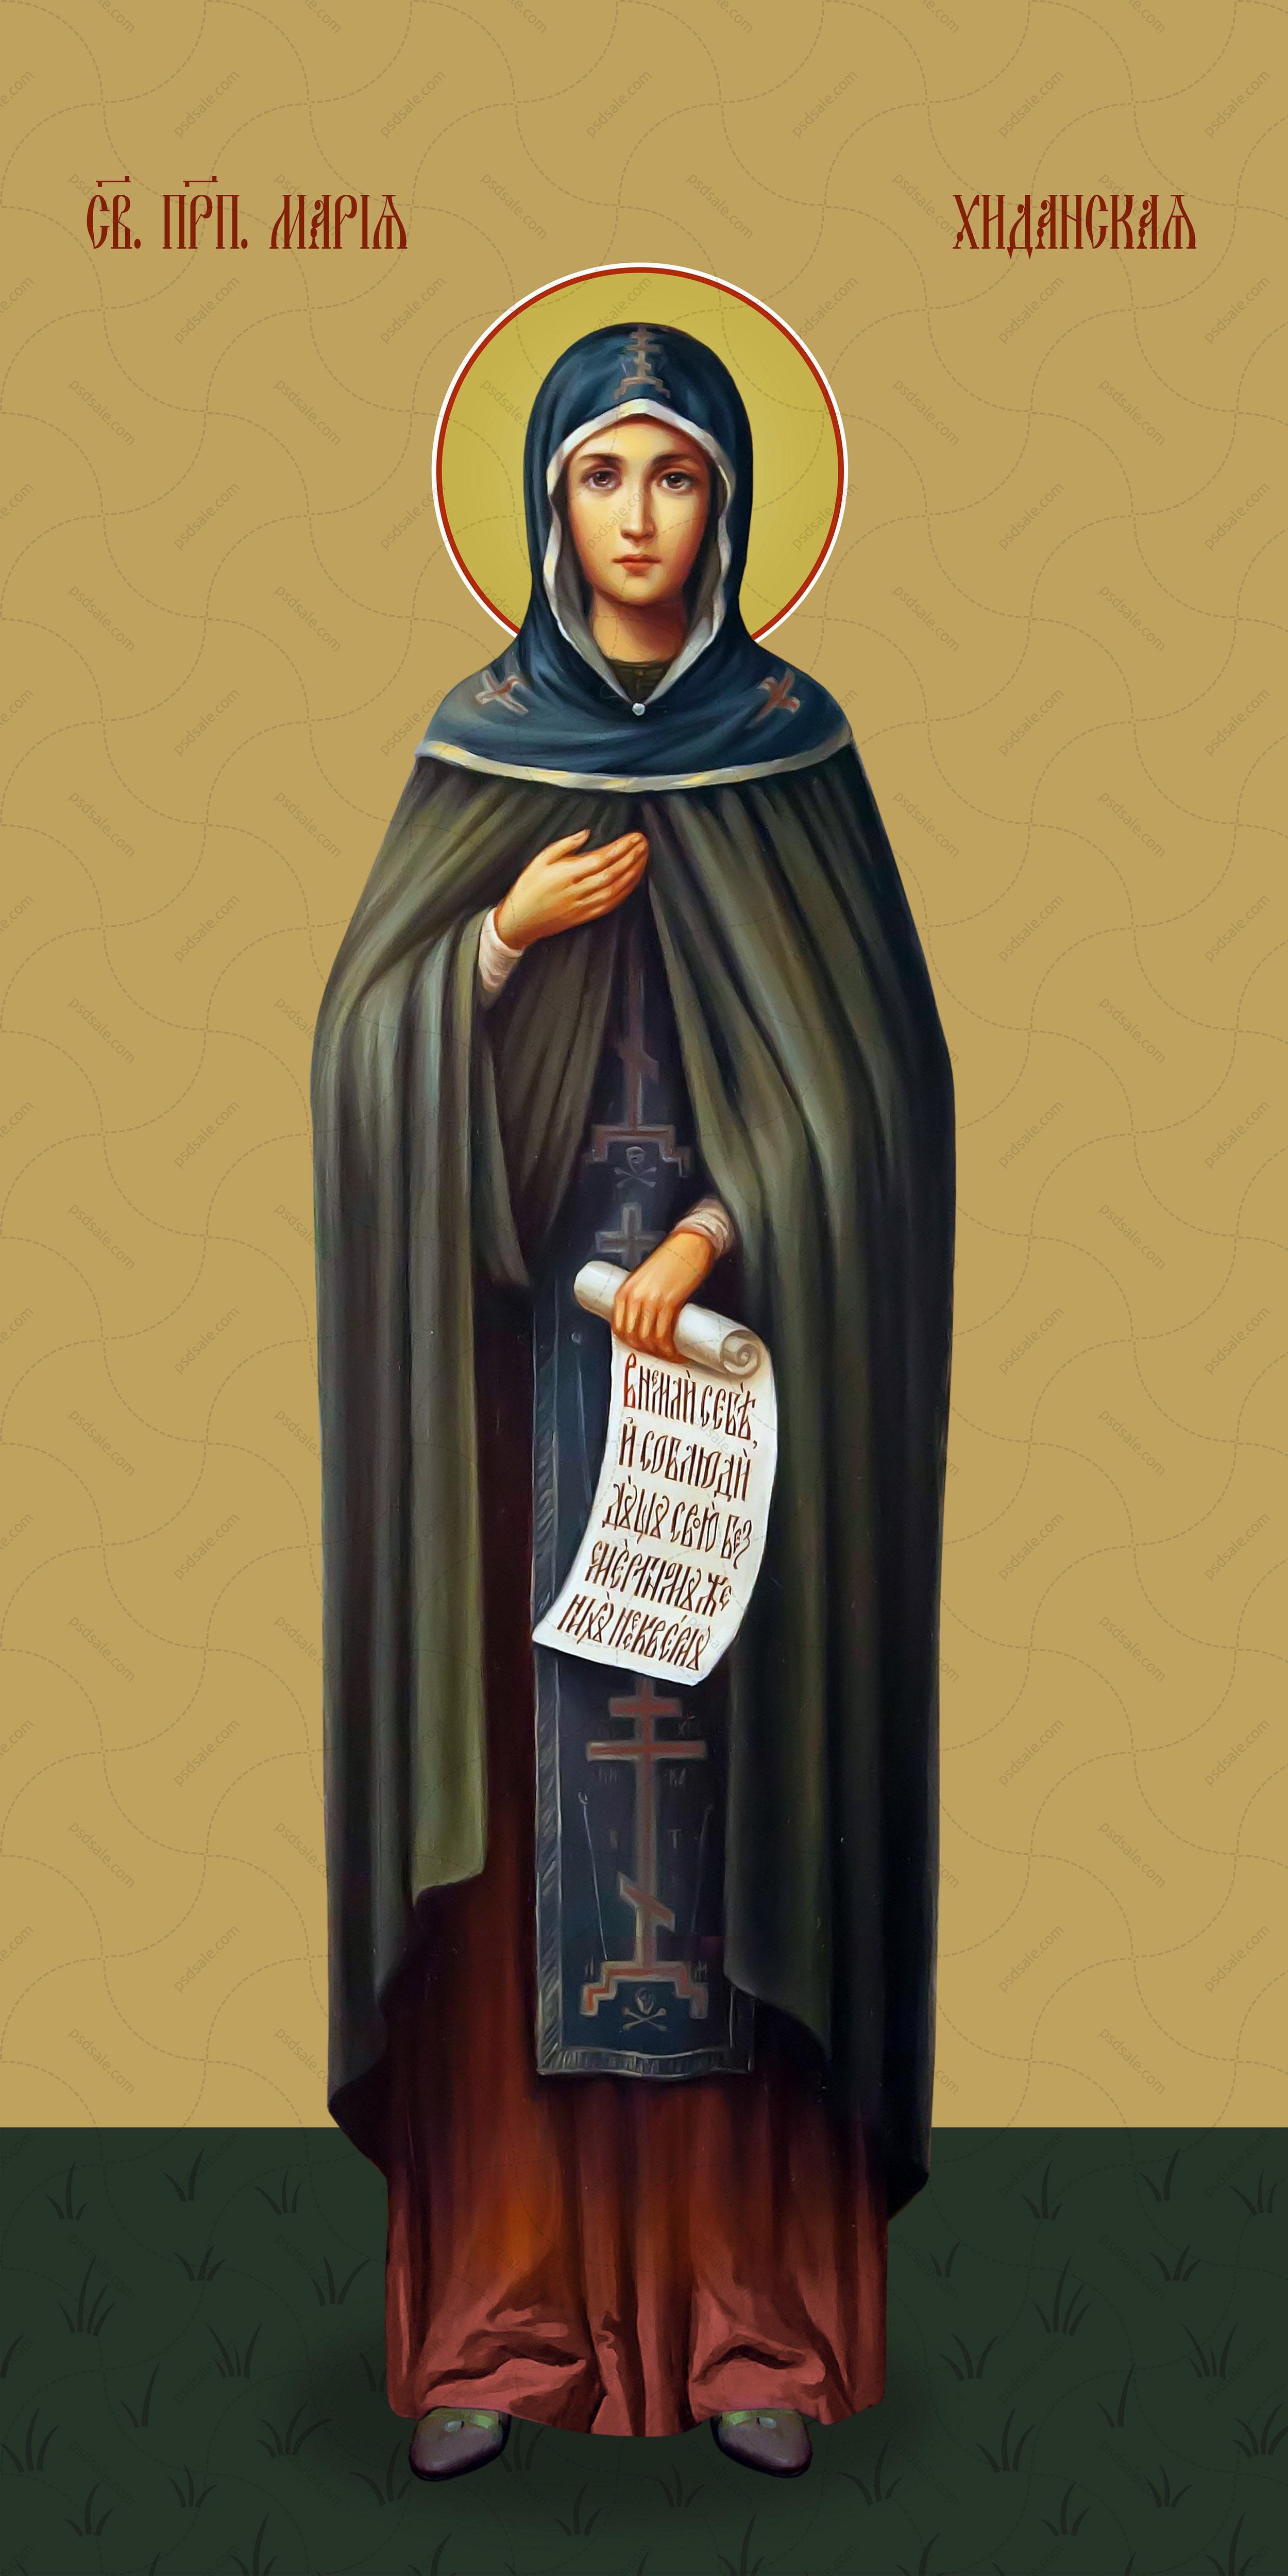 Мерная икона, Мария Хиданская, преподобная